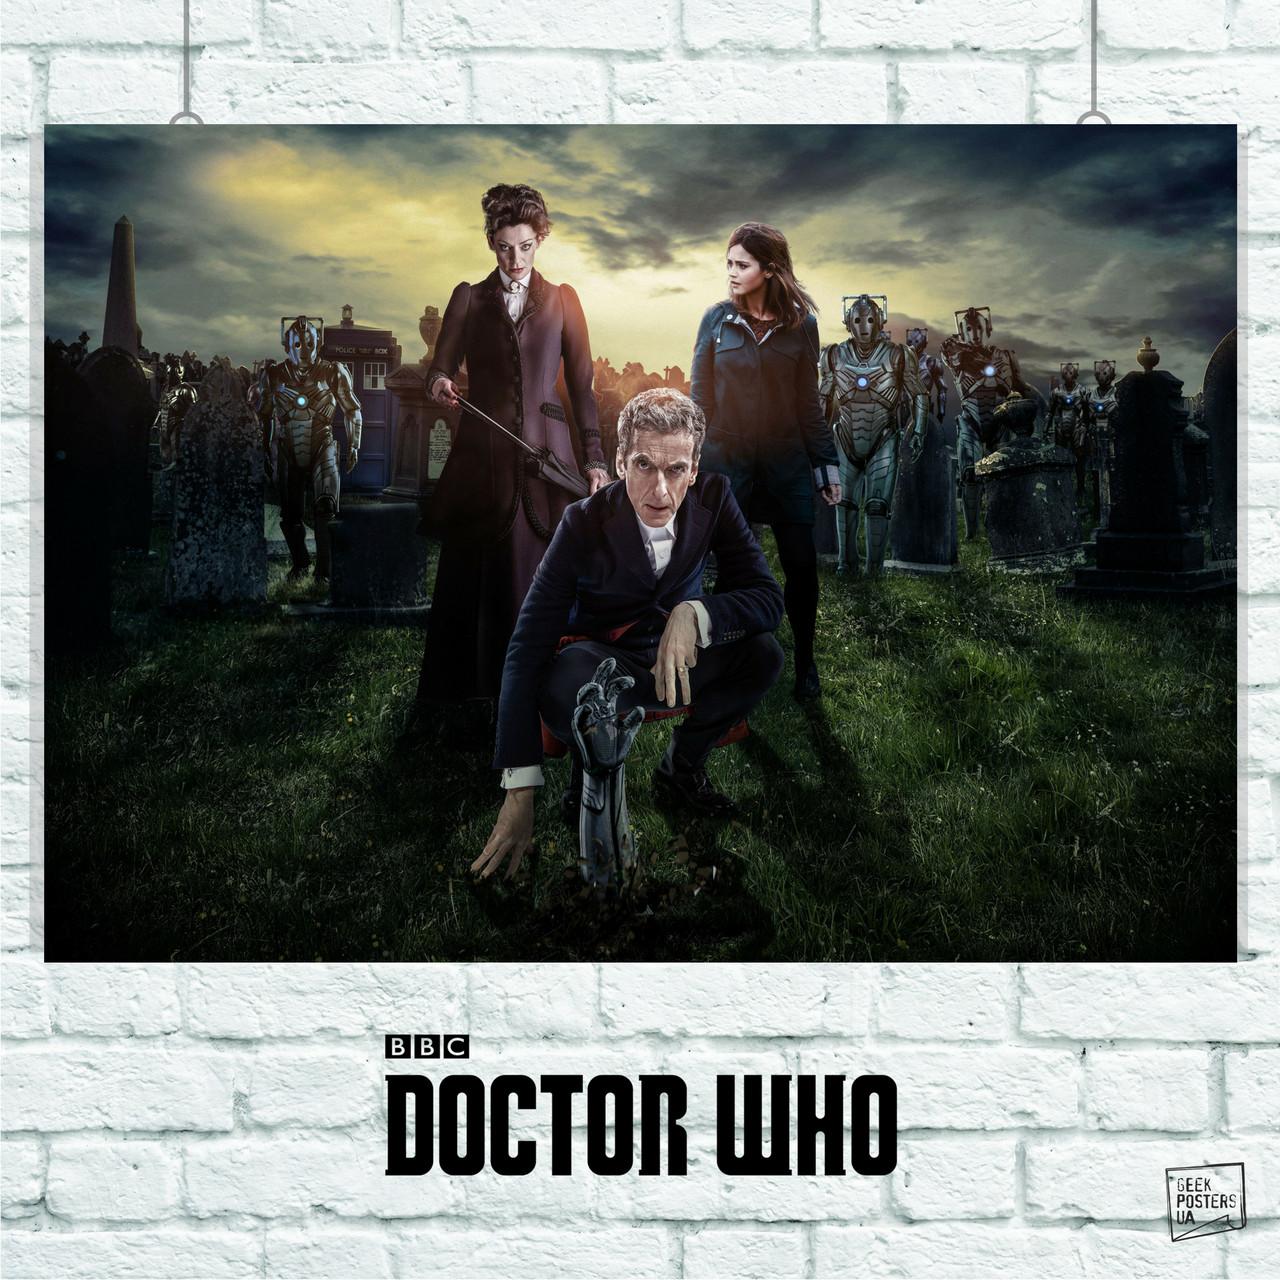 Постер Dr.Who, Доктор Кто. Размер 60x43см (A2). Глянцевая бумага